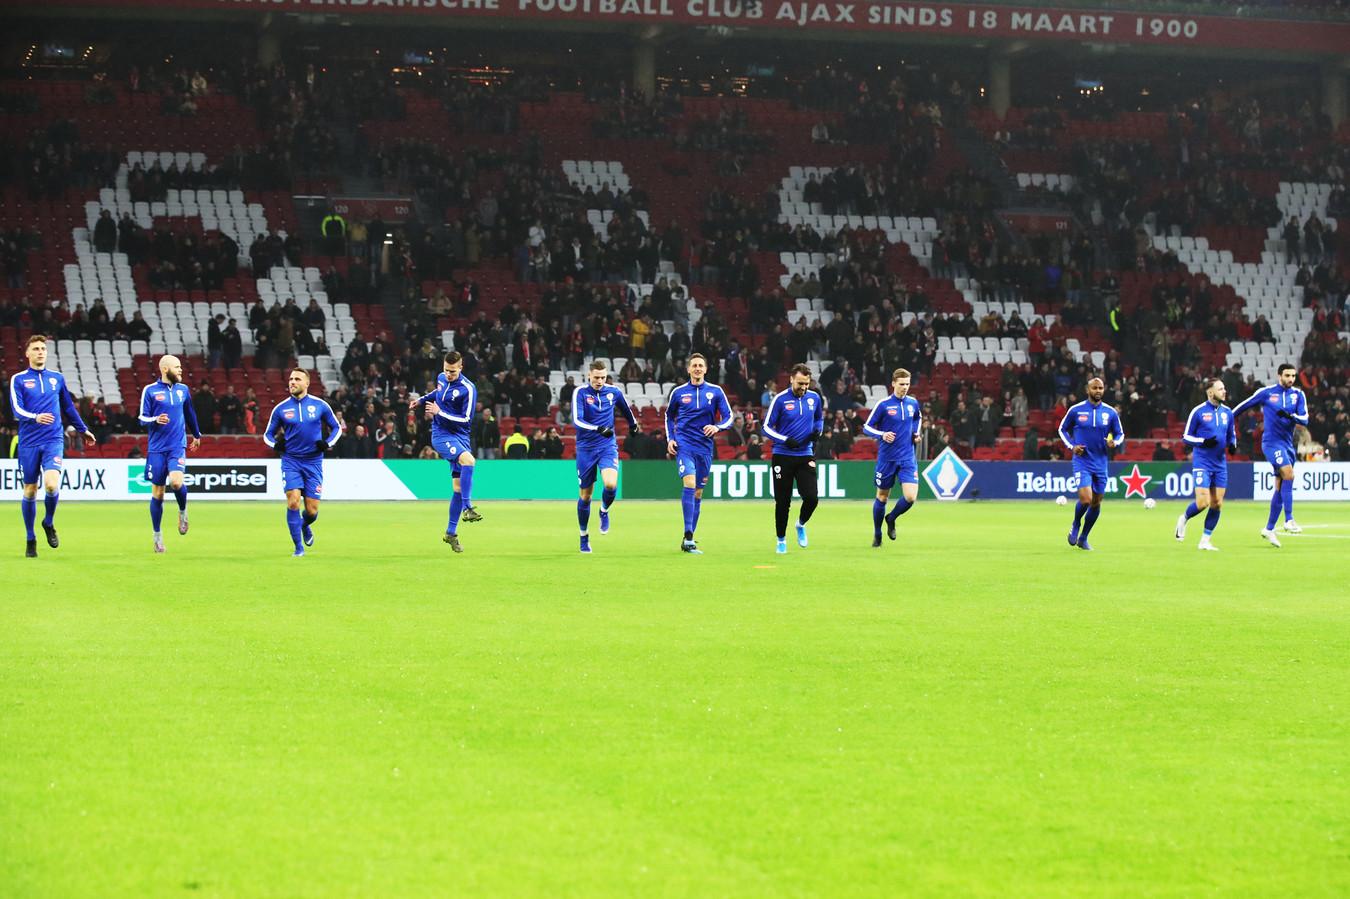 Spakenburg warmt zich op in de Johan Cruijff Arena,